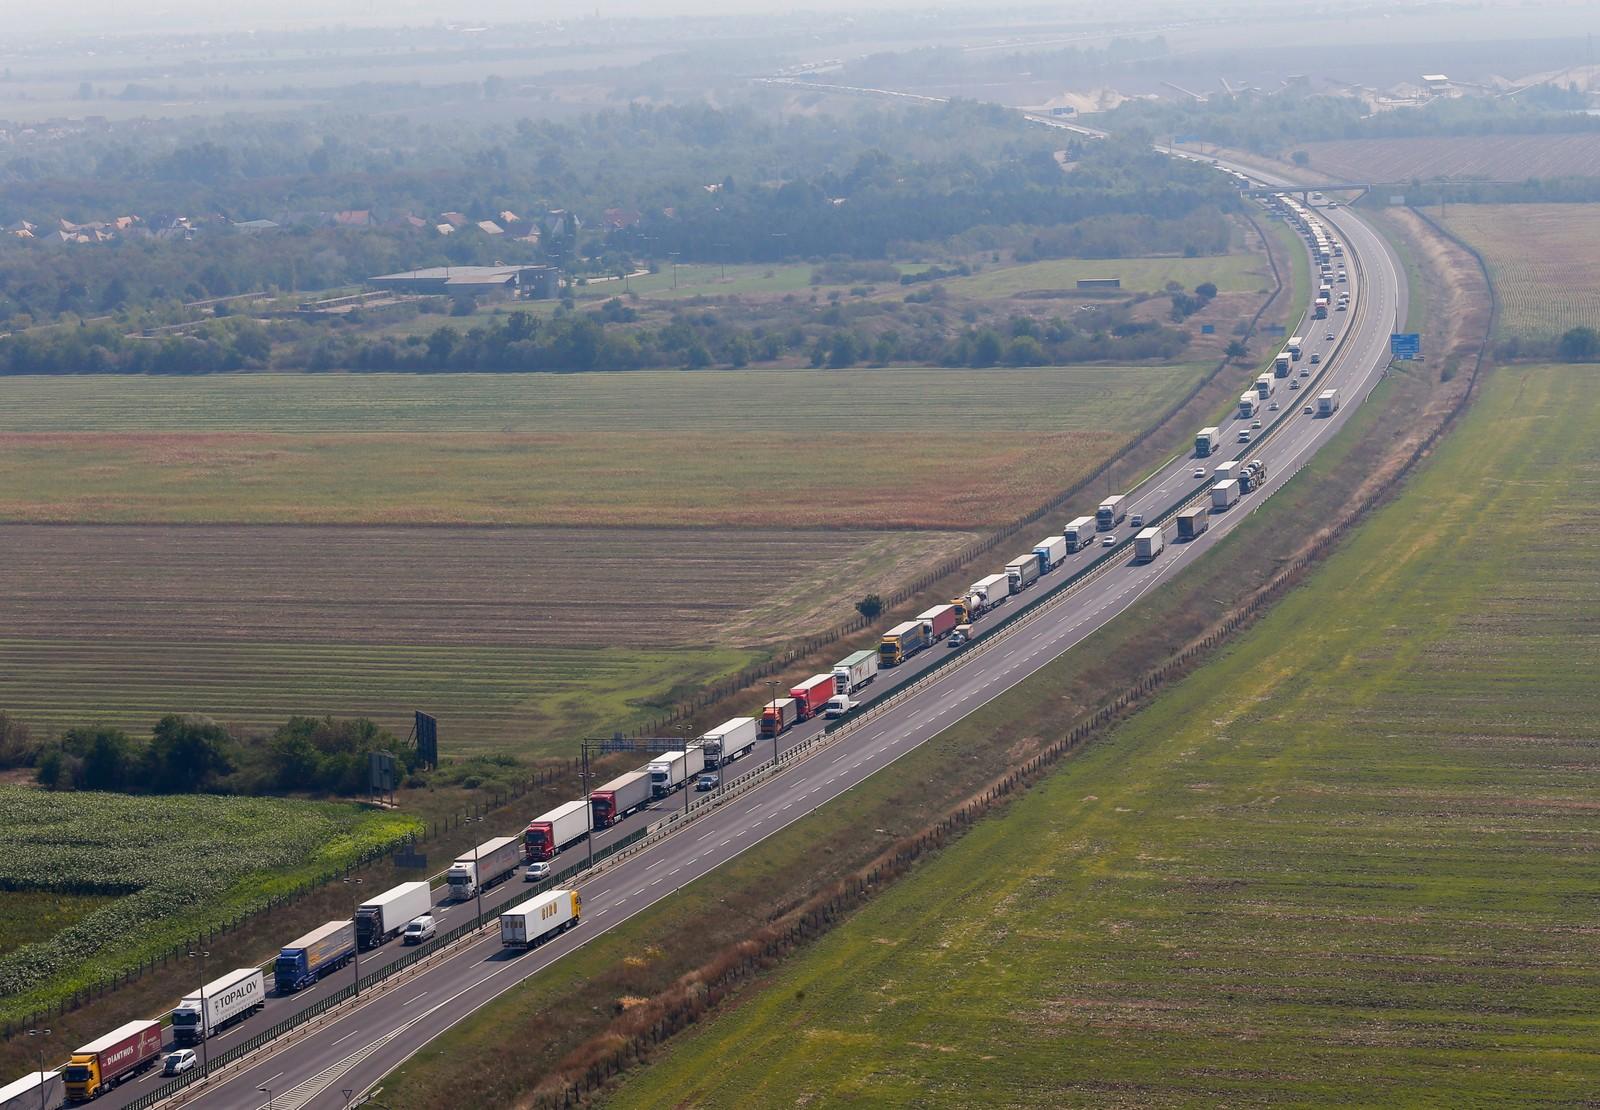 Kilometerlange køer danna seg ved den østerikske grensa da myndighetene stramma inn kontrollen av lastebiler på vei fra Ungarn, etter at 71 personer ble funnet omkommet i en lastebil.